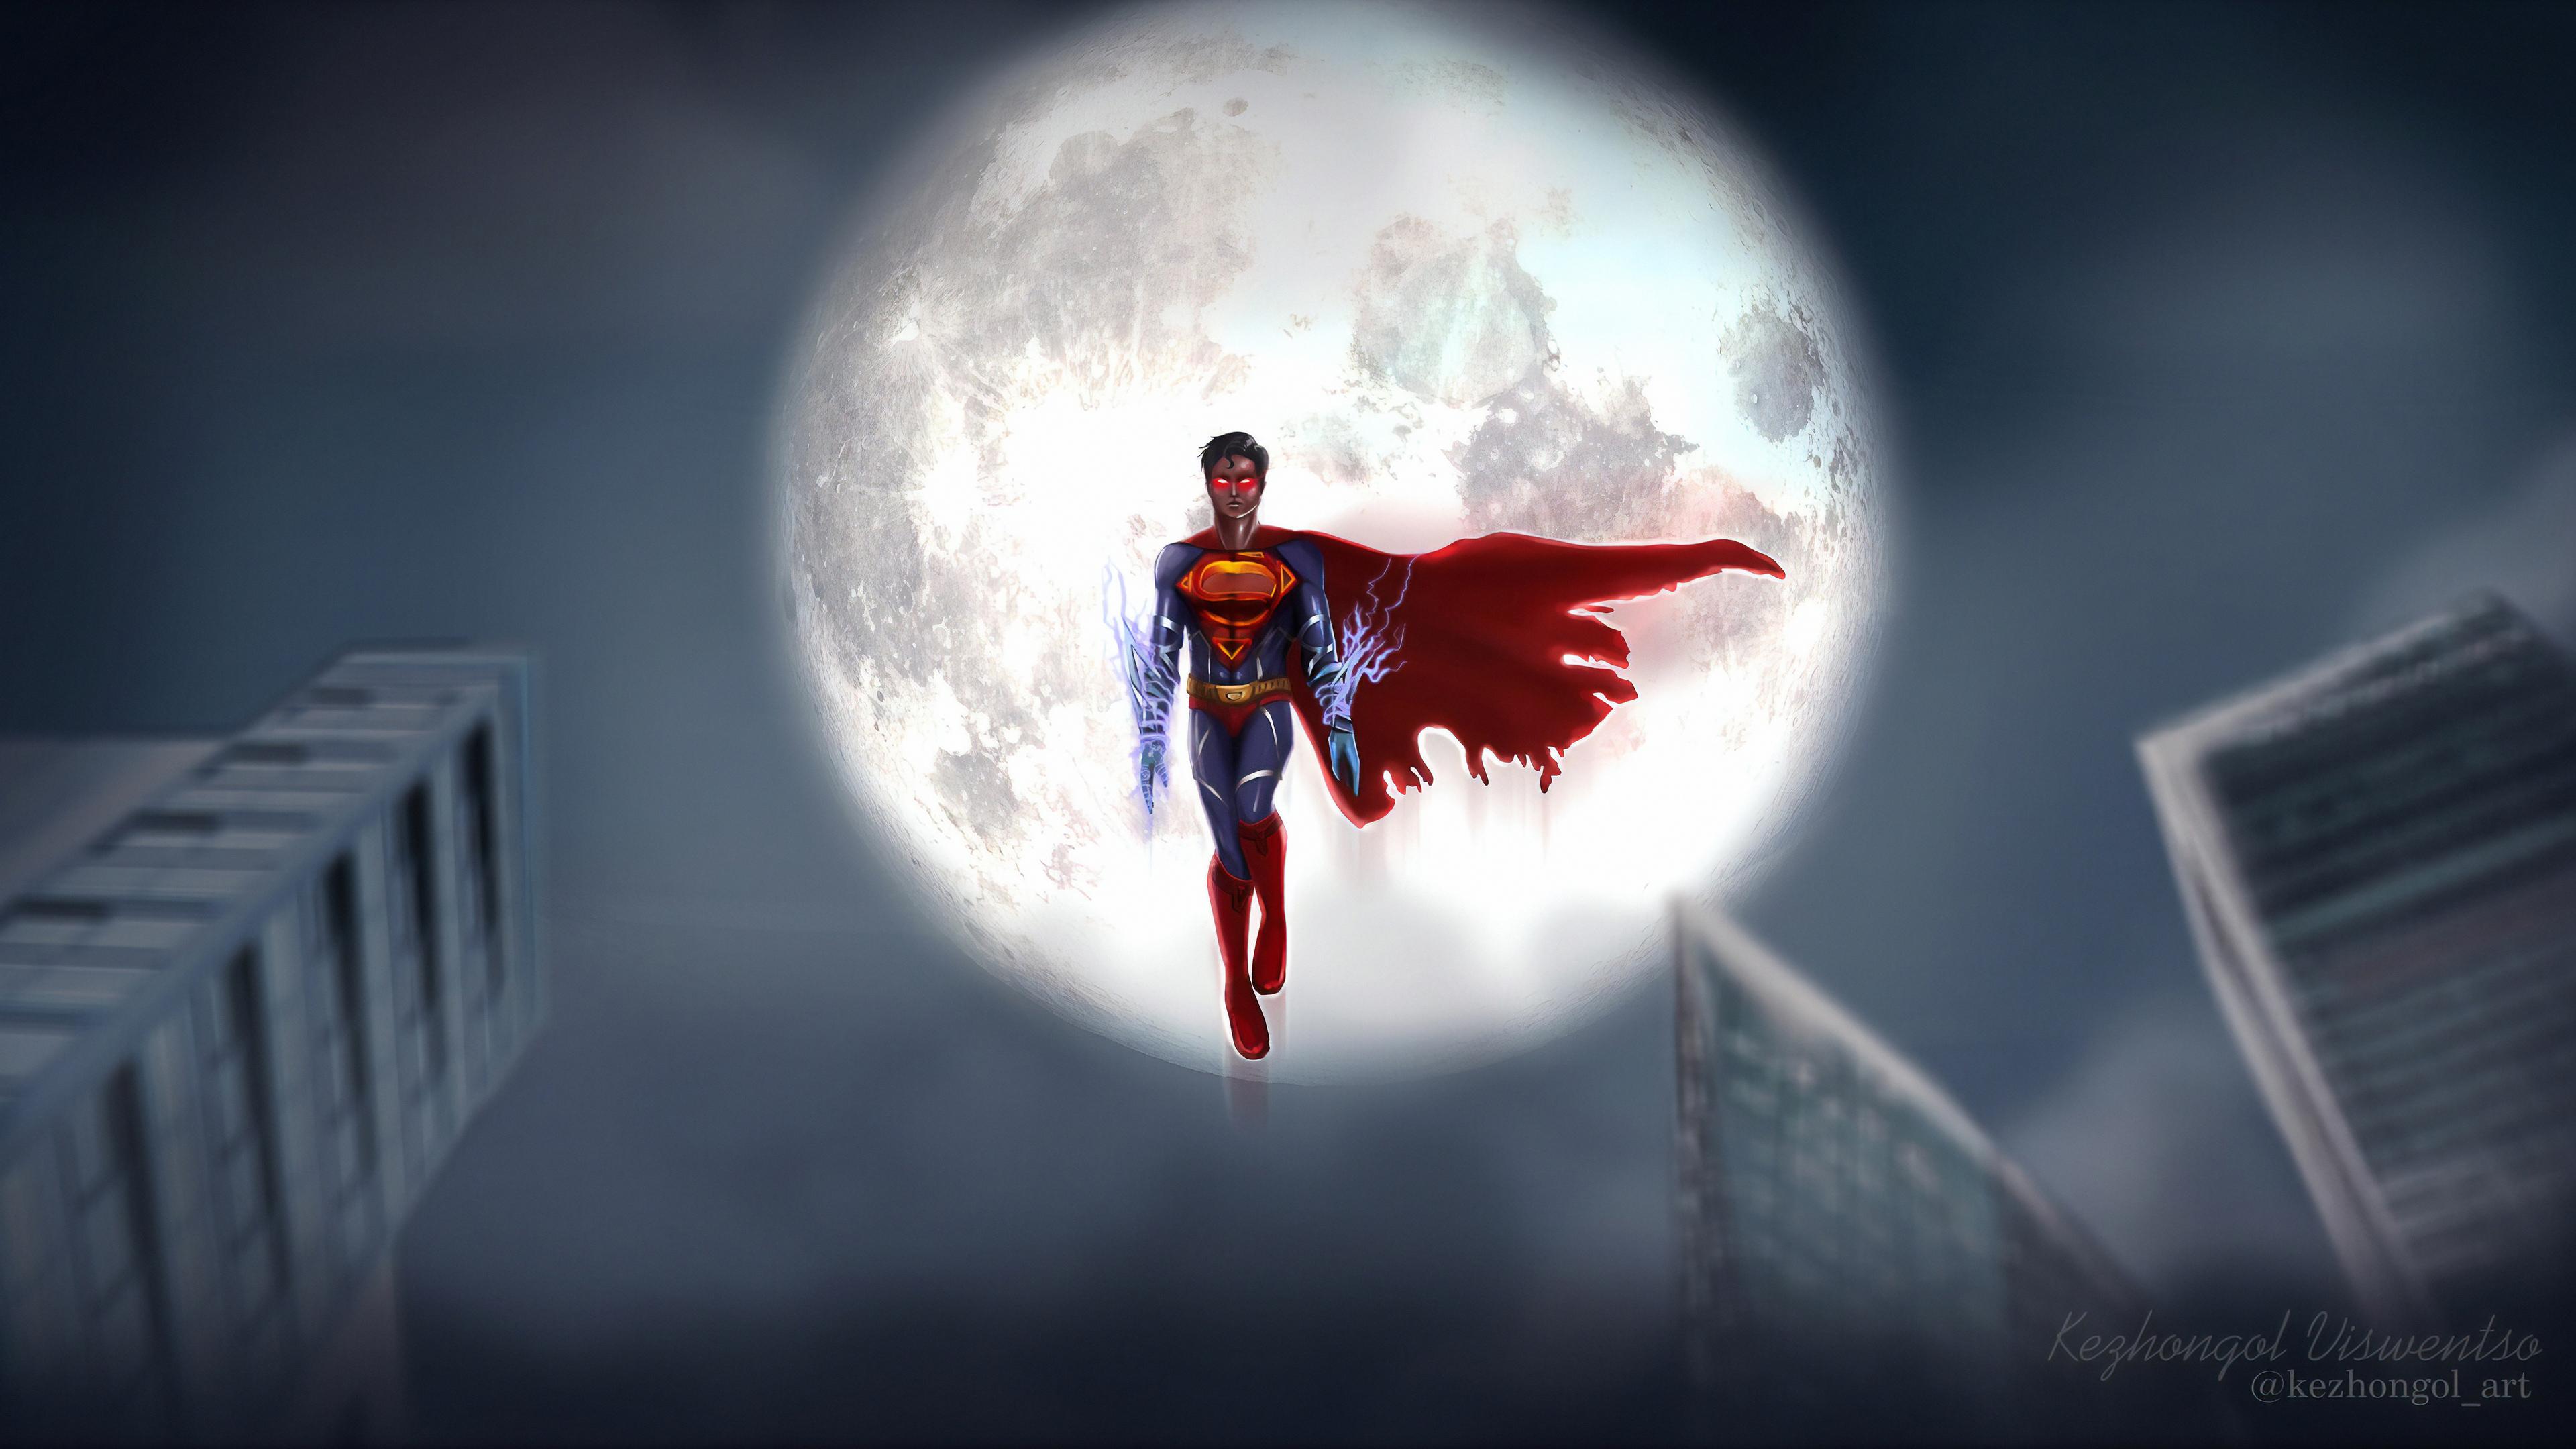 Superman Flying 4k Hd Superheroes 4k Wallpapers Images